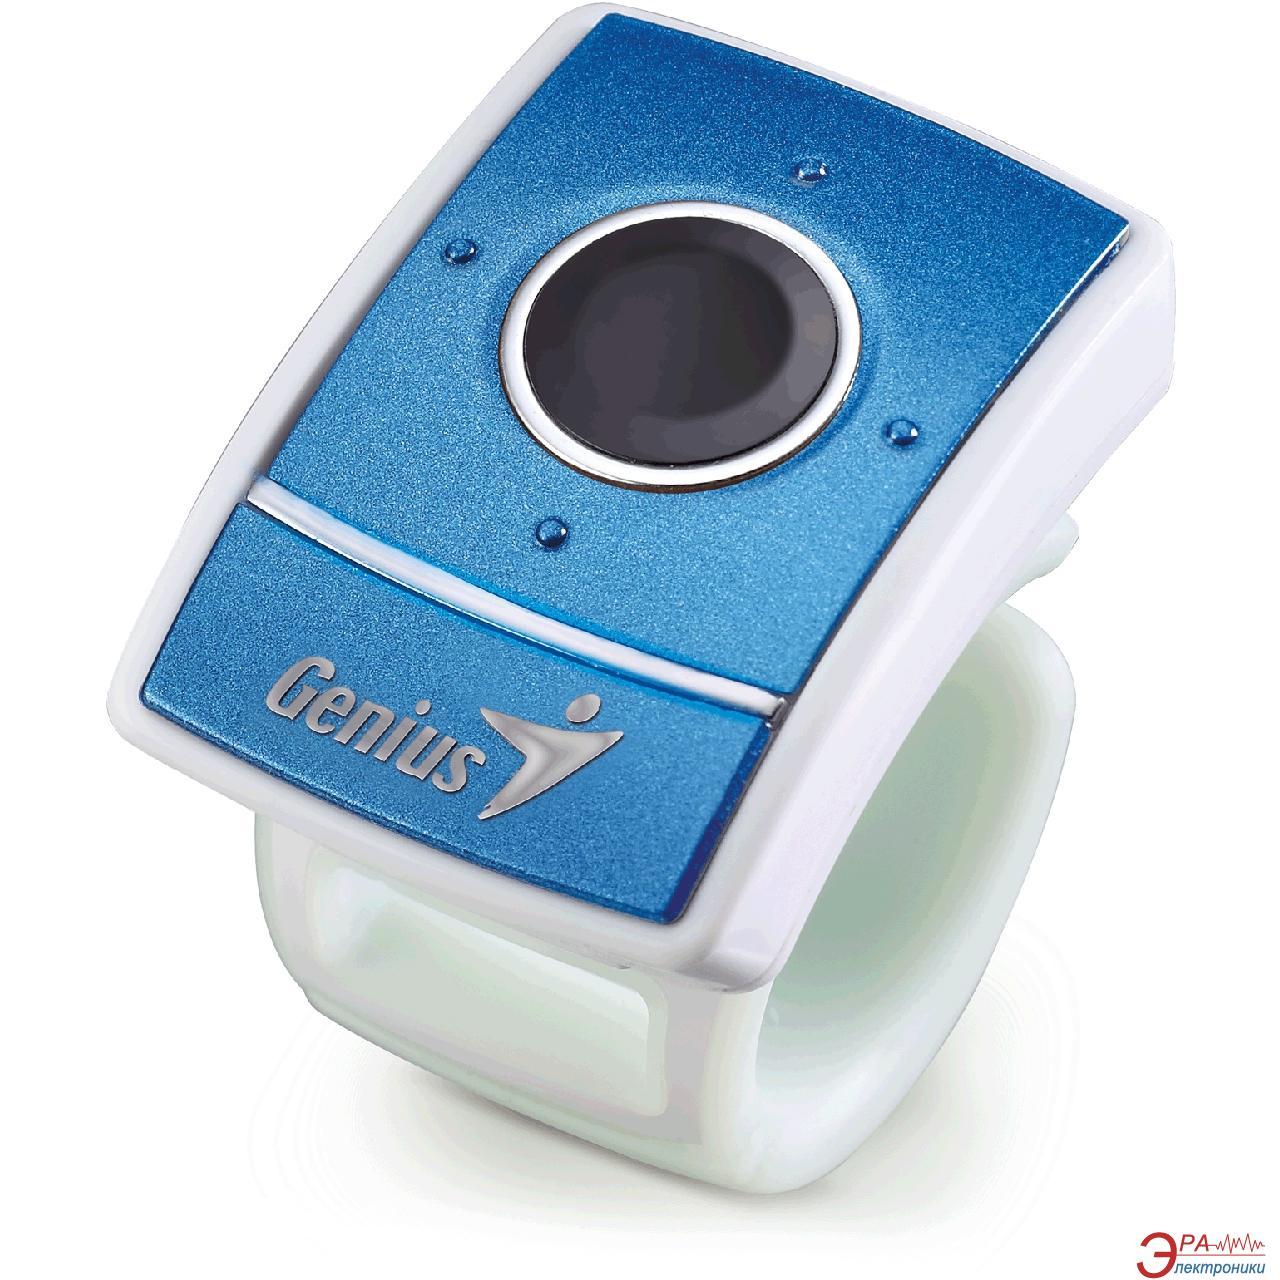 Презентер Genius Ring Presenter WL (31030068101) Blue